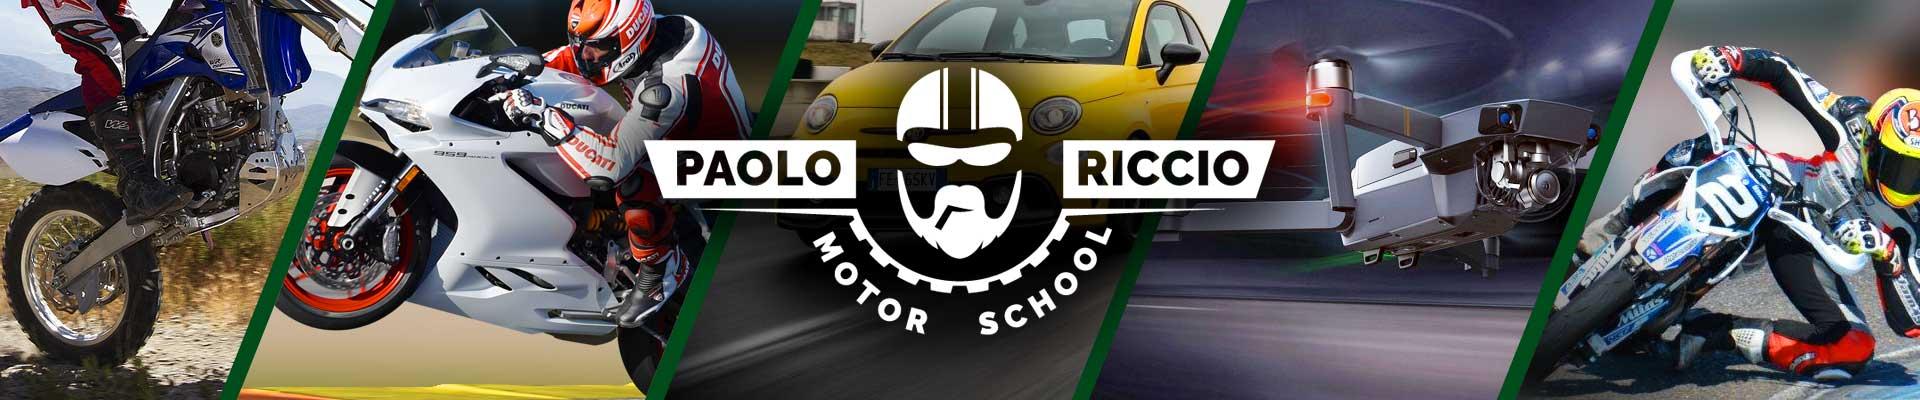 Paolo Riccio Motor School